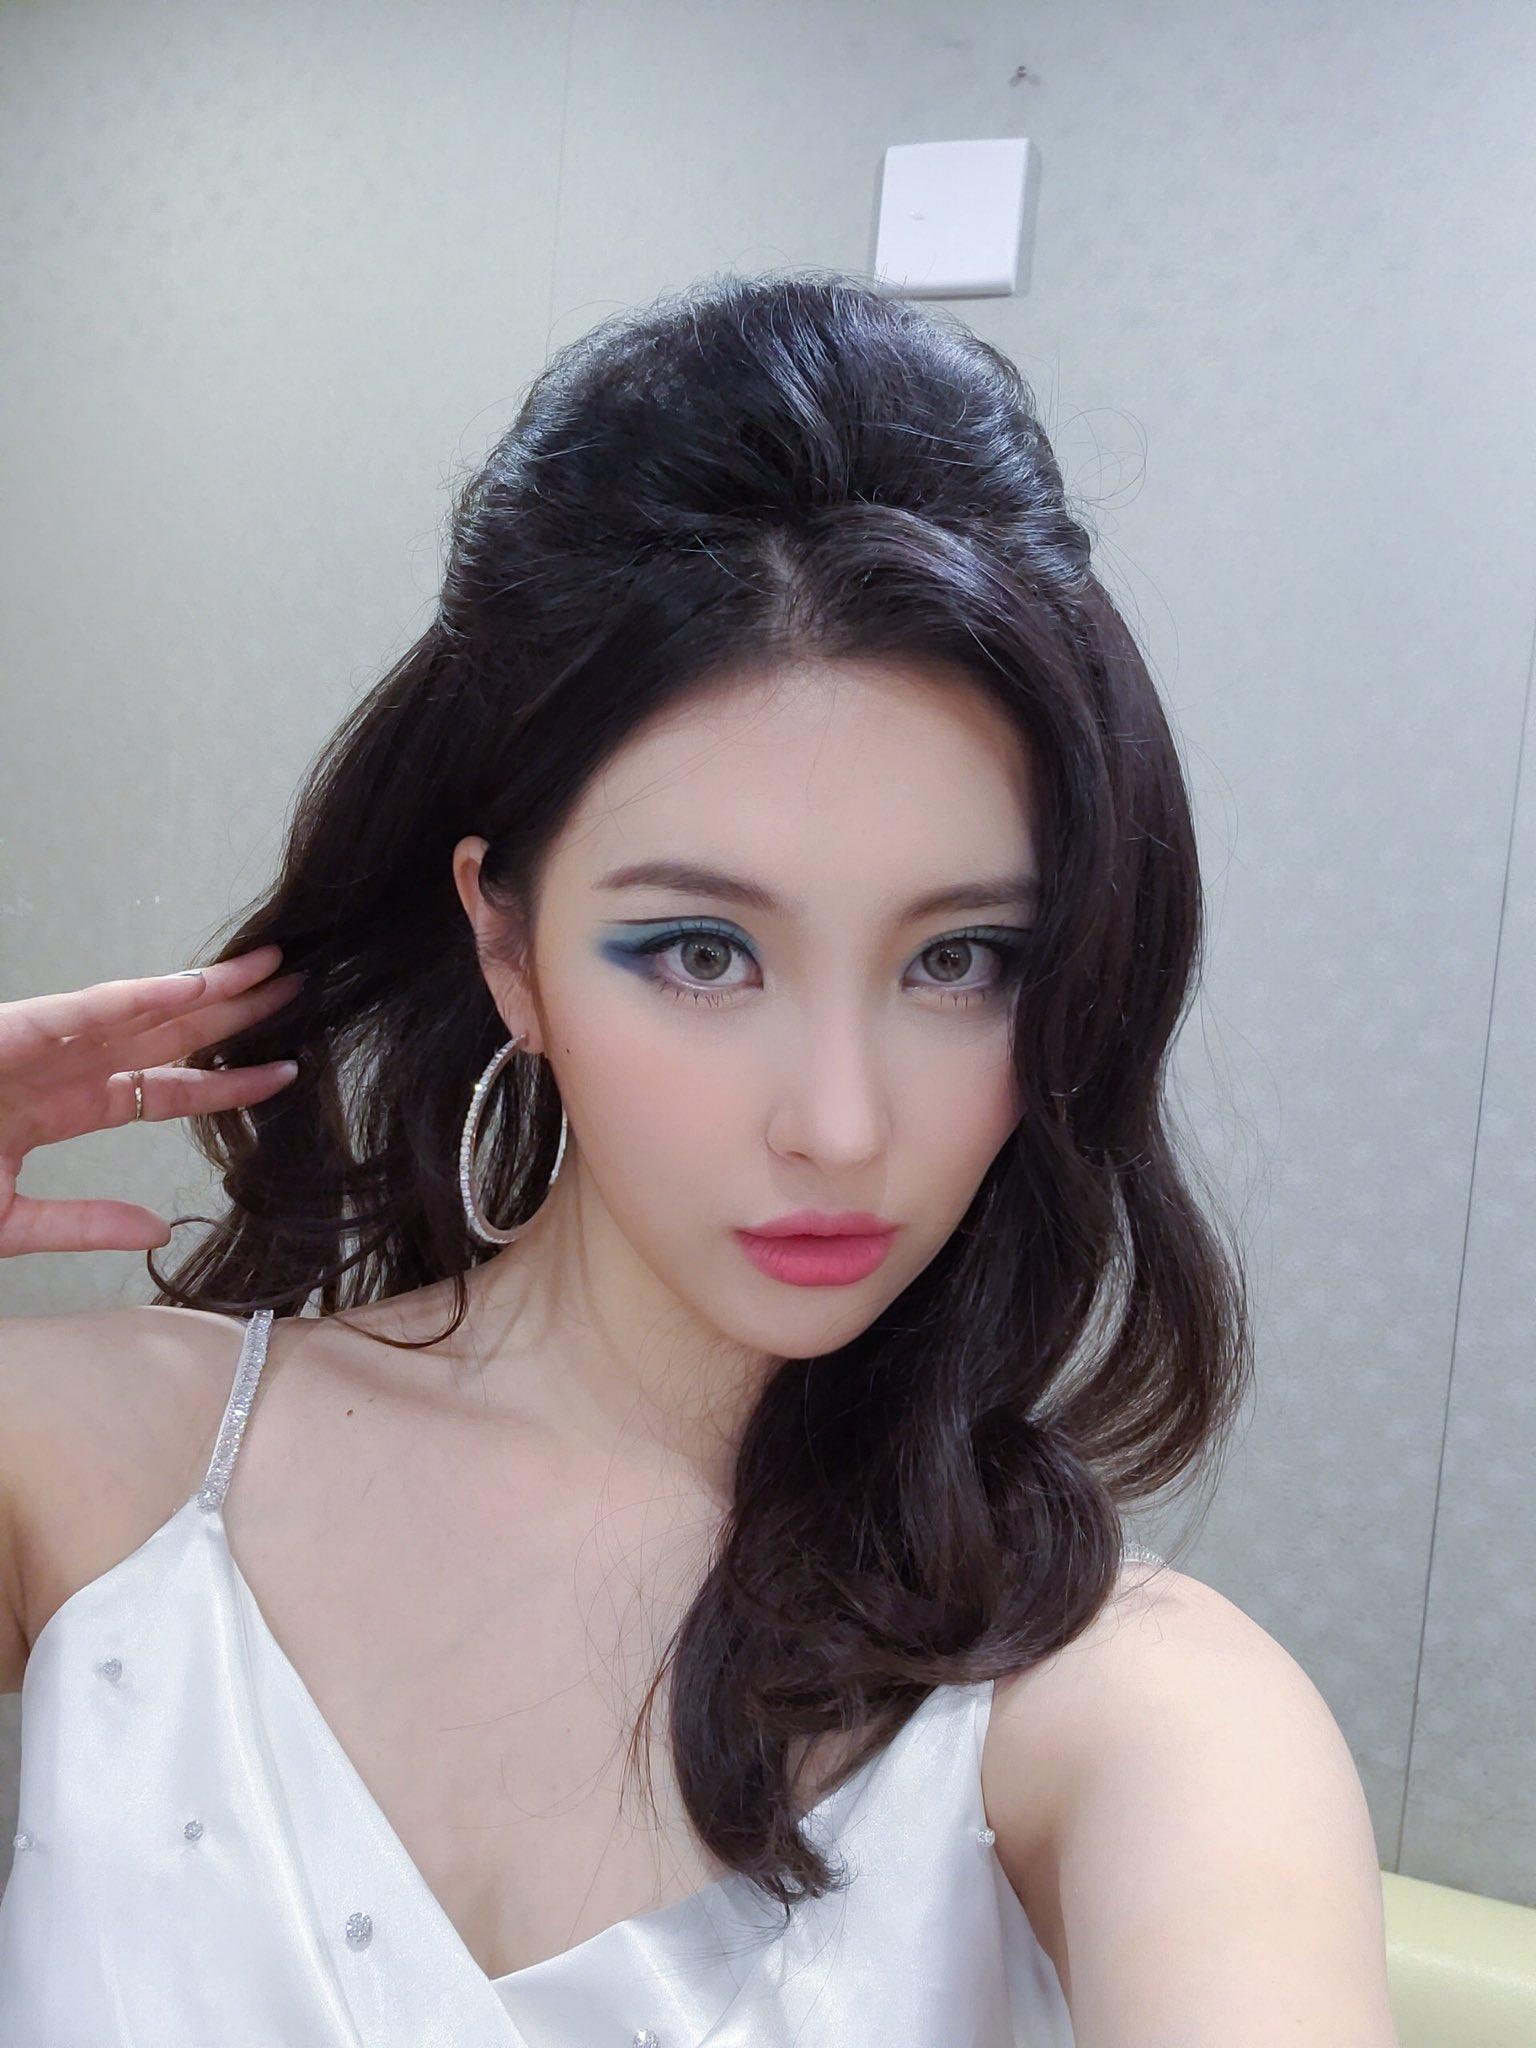 Kiểu vẽ eyeliner này đã được sử dụng rất nhiều trong ngành công nghiệp thời trang trong thập niên 60, 70 của thế kỷ trước. Vào mùa hè 2020, xu hướng floating eyeliner hồi sinh và trở thành trend trang điểm của mùa hè được nhiều sao trên thế giới ứng dụng, trong đó có nhiều sao Kpop.